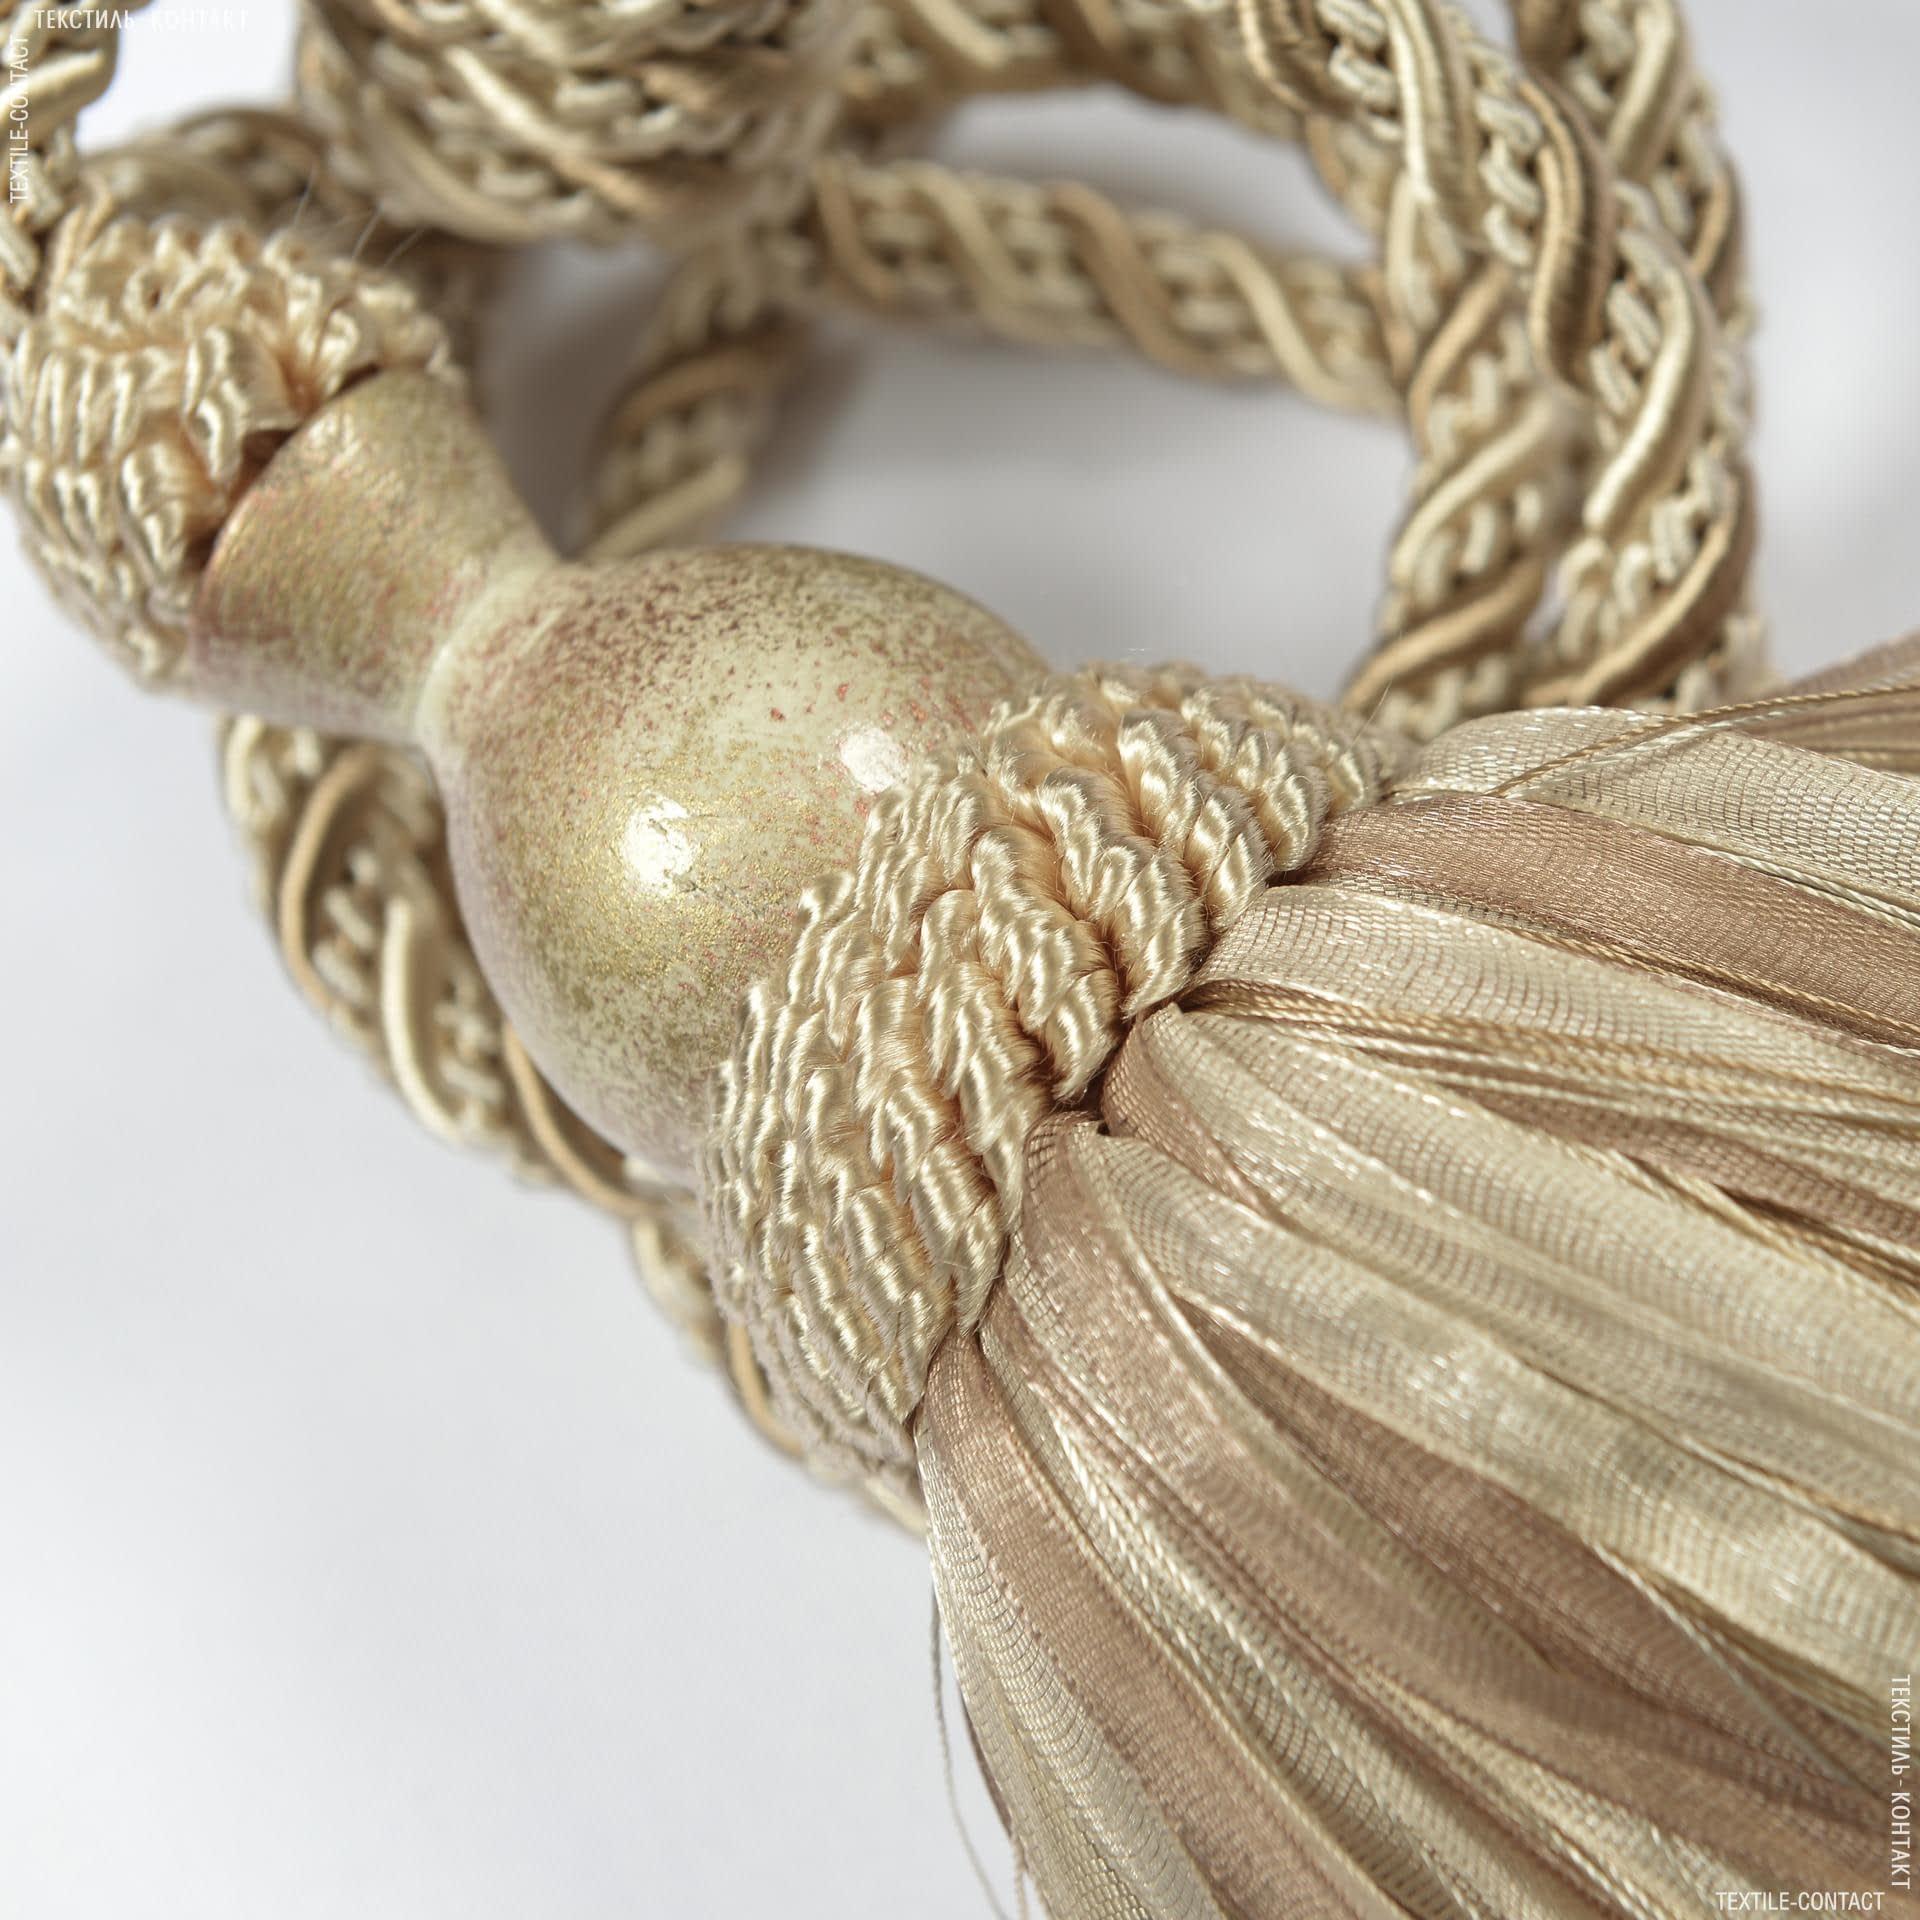 Ткани фурнитура для декора - Кисти имеджен